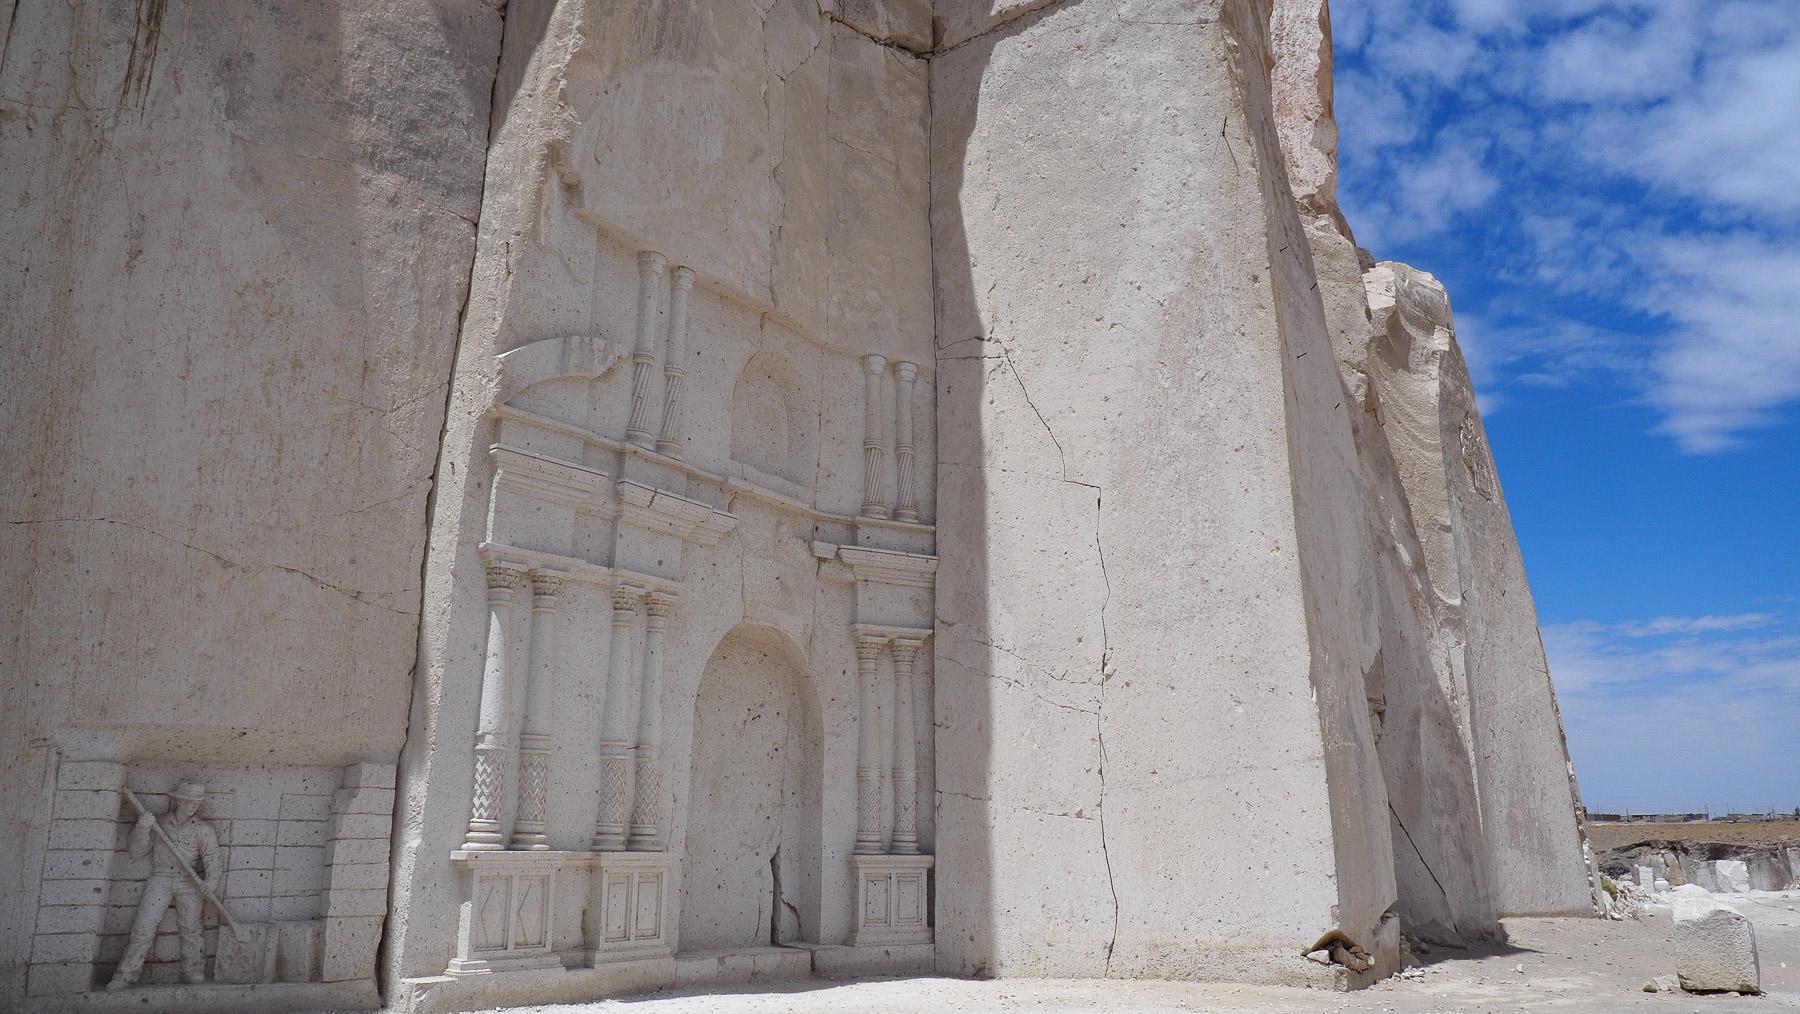 Sillar Steinbruch mit Relief-Fassade